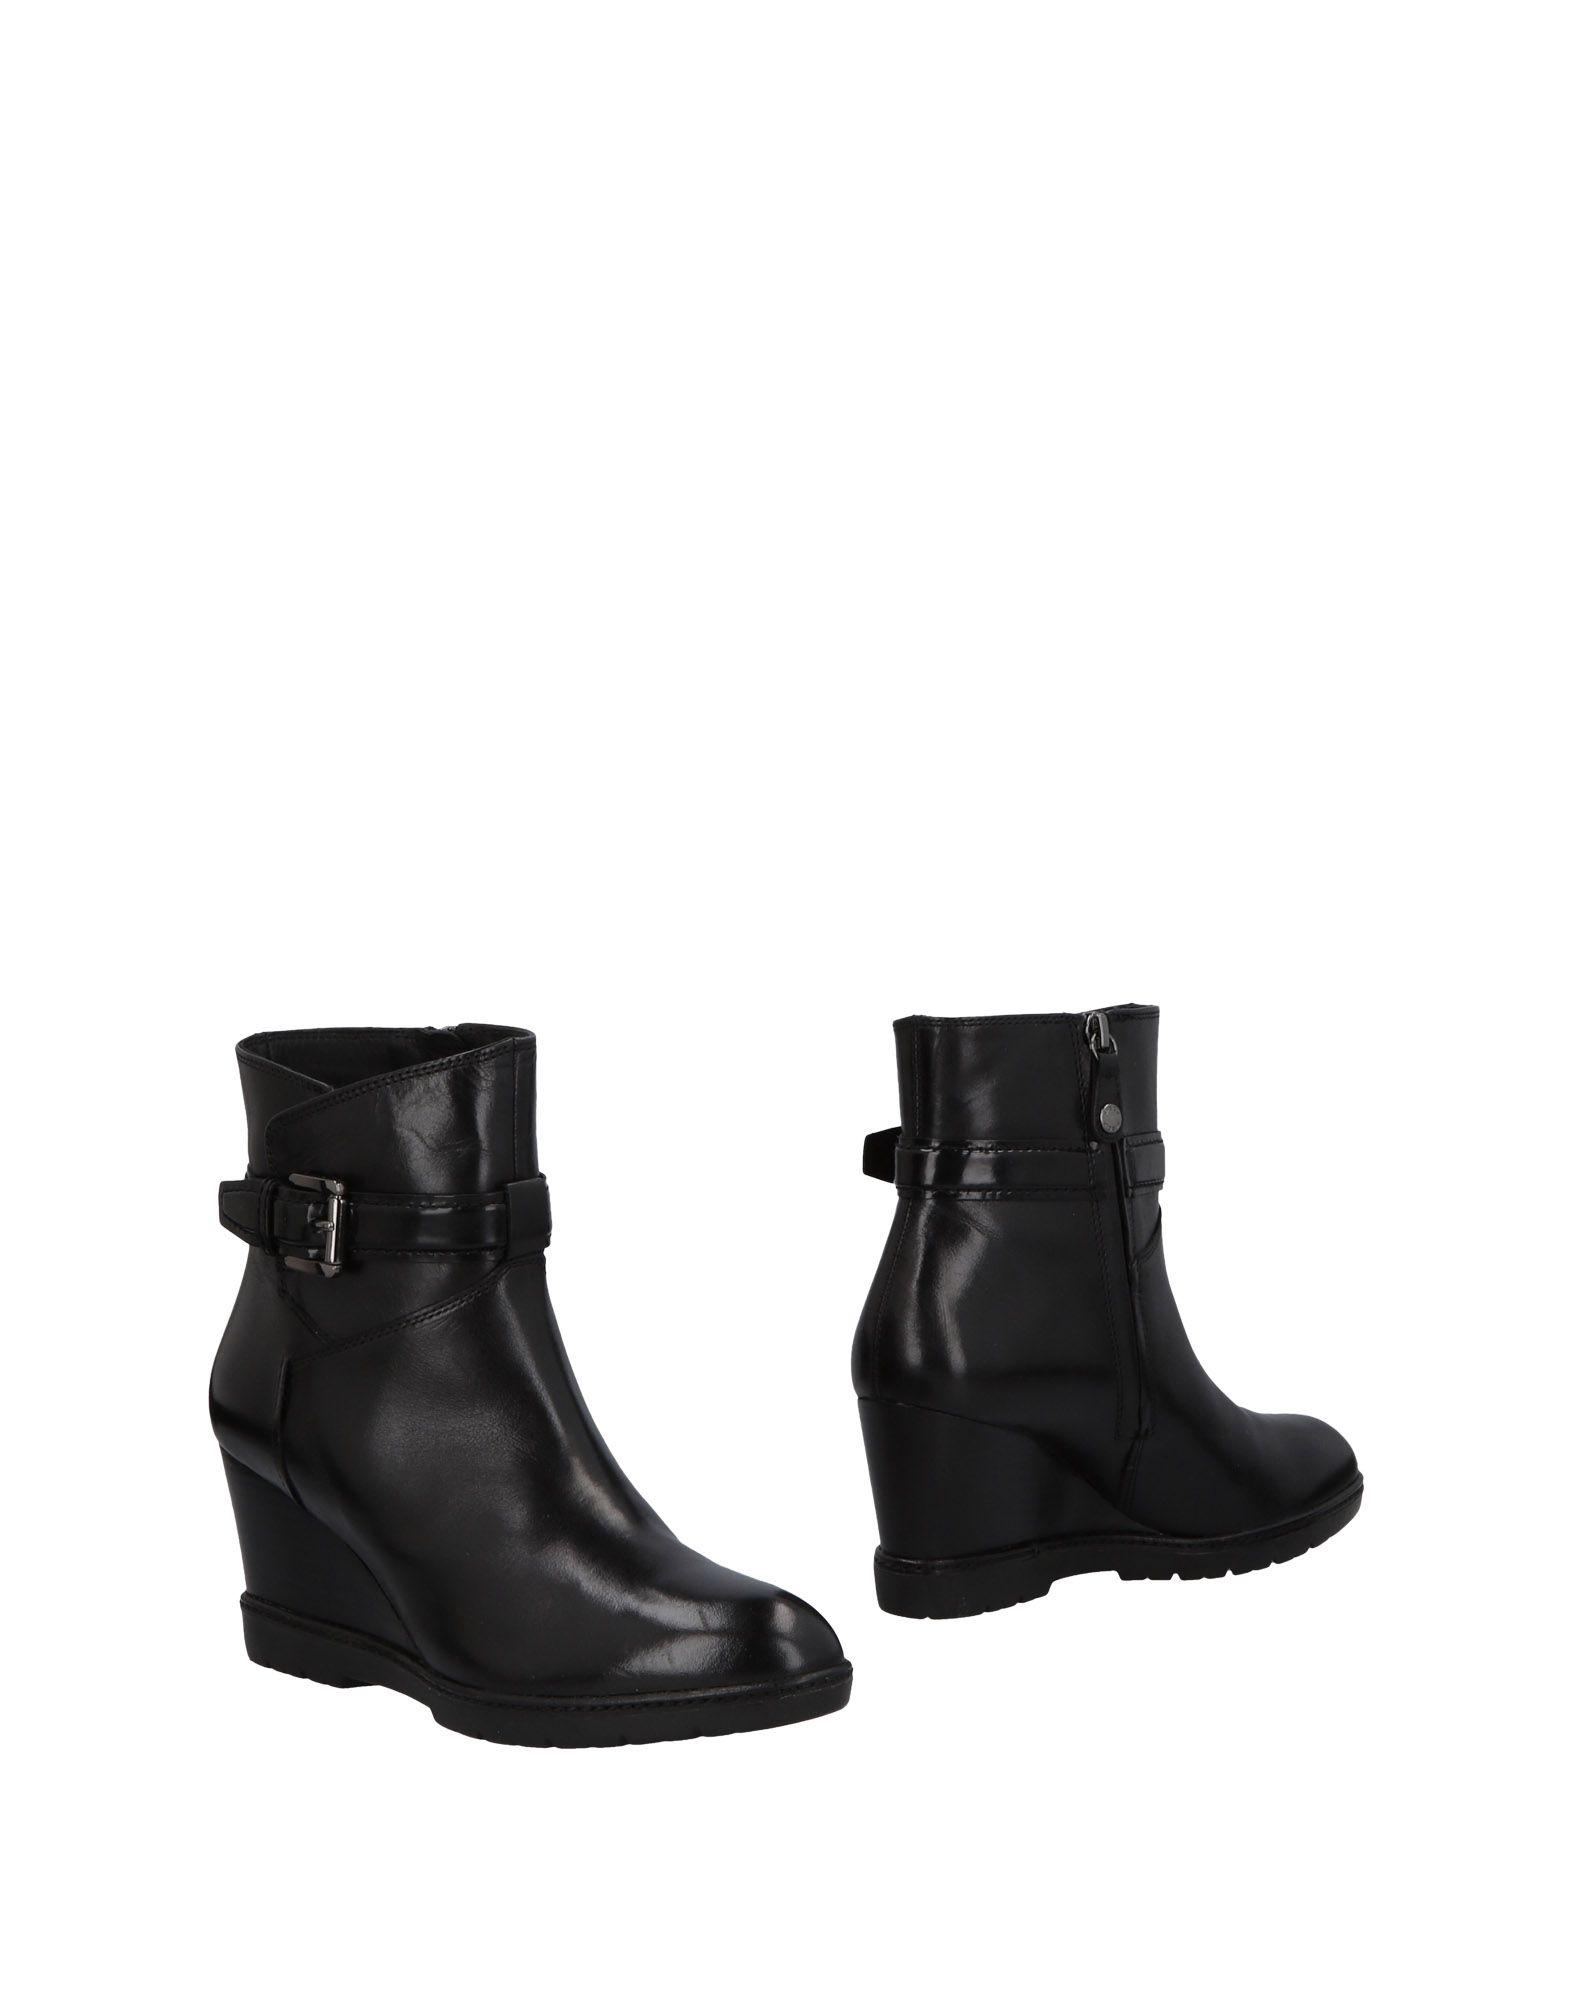 Geox Stiefelette Damen  11465130NC Gute Qualität beliebte Schuhe